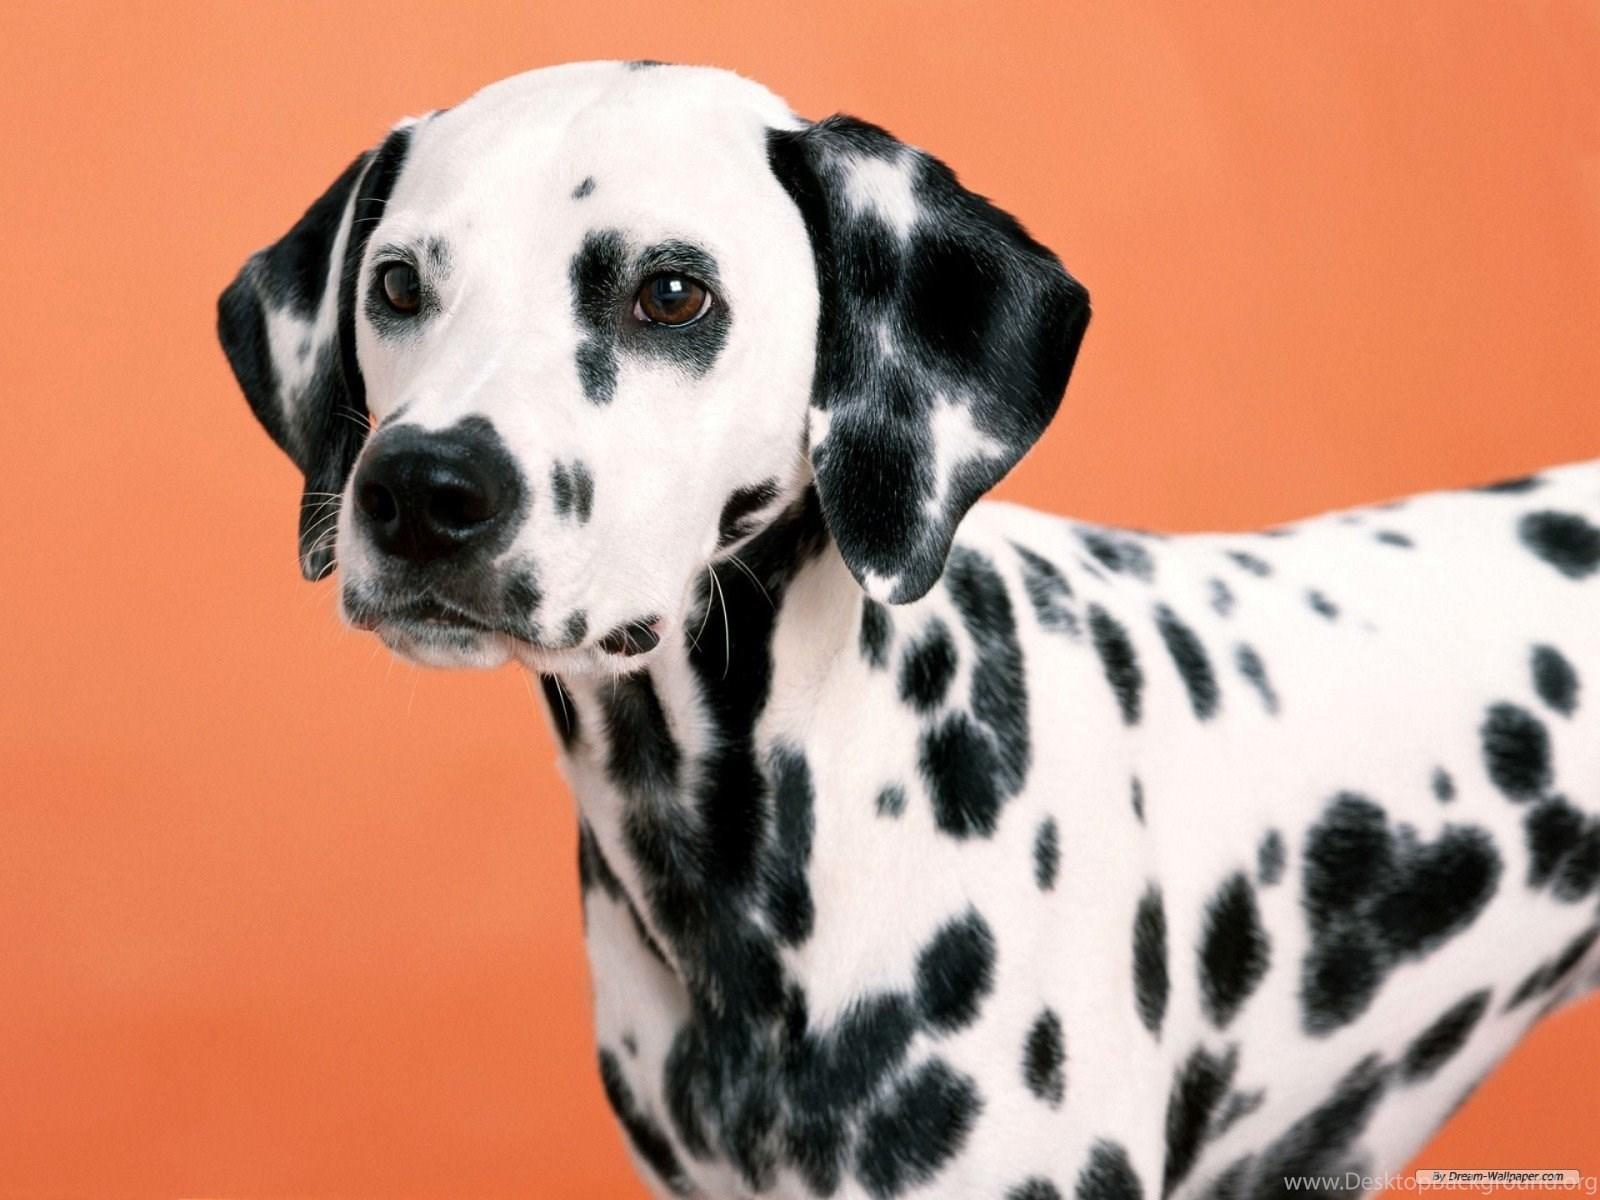 Dalmatian HD Wallpapers For Desktop Facts Temperament